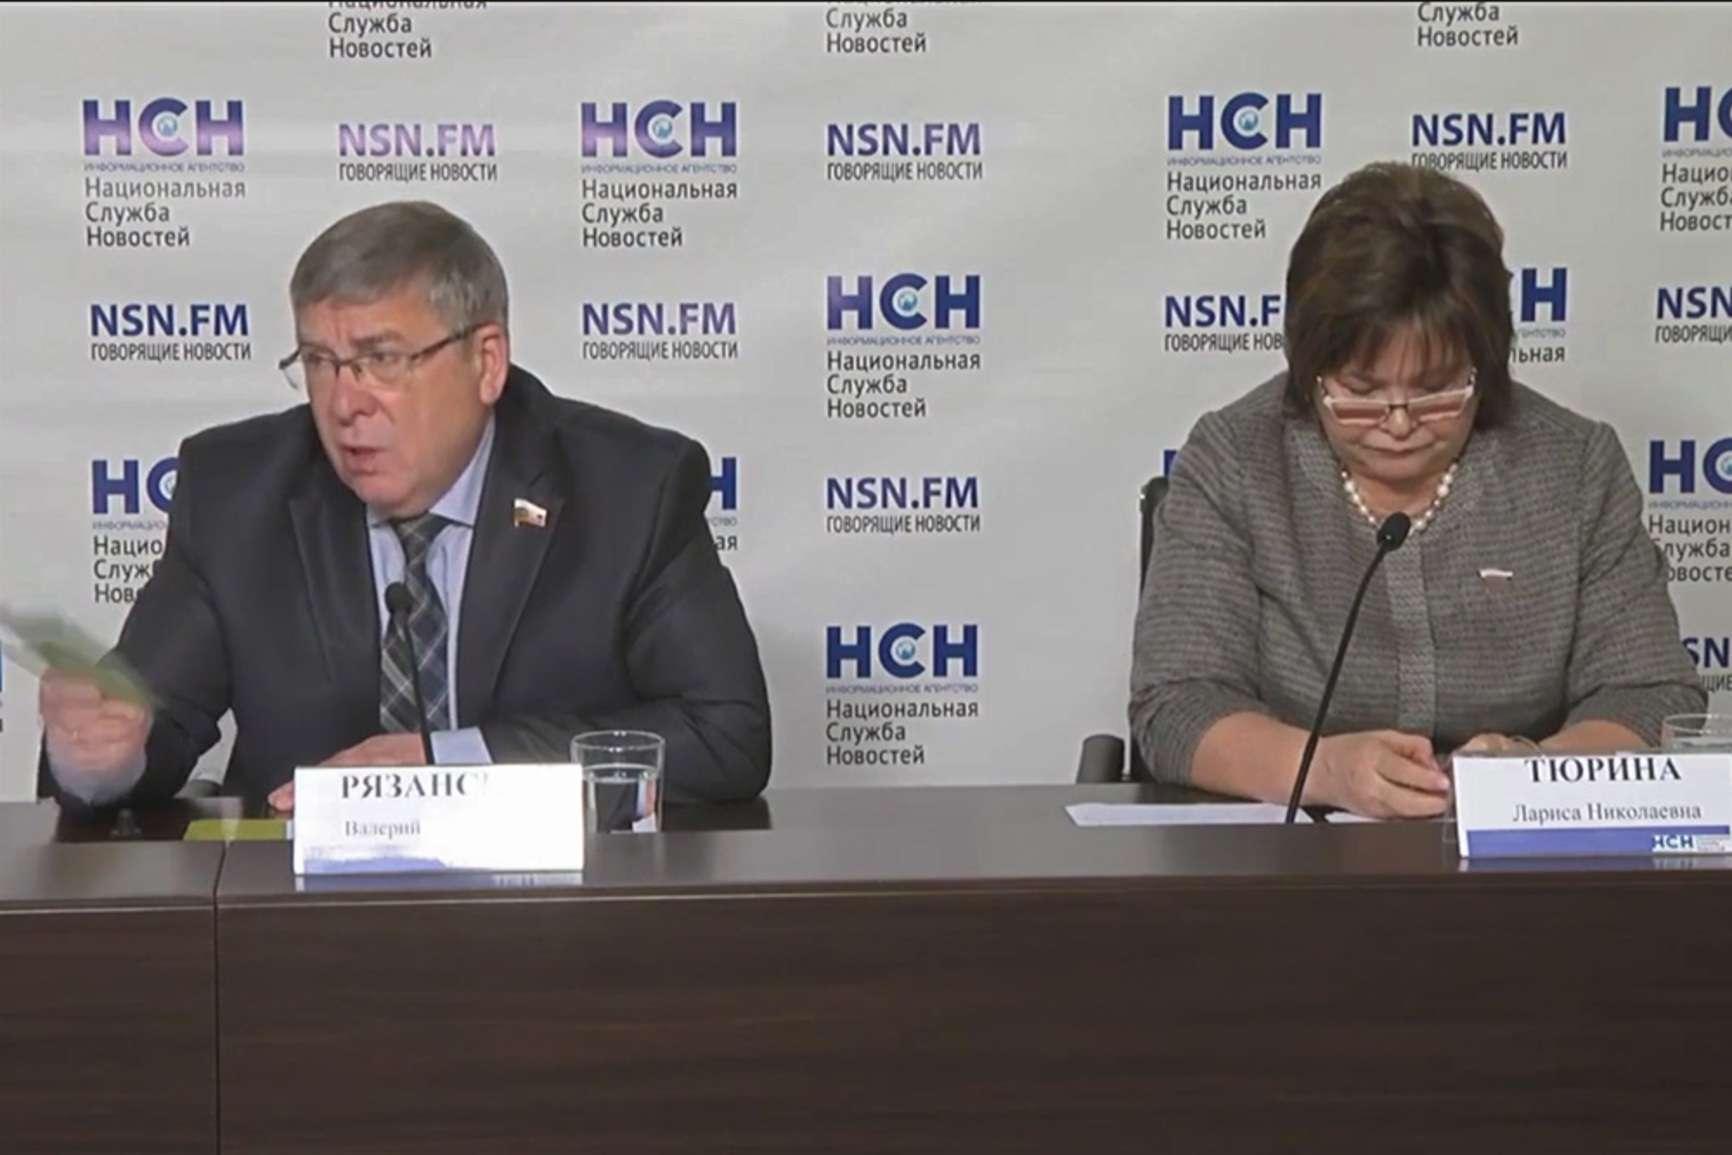 Валерий Рязанский и Лариса Тюрина на пресс-конференции о новой антитабачной концепции Минздрава. Фото — council.gov.ru